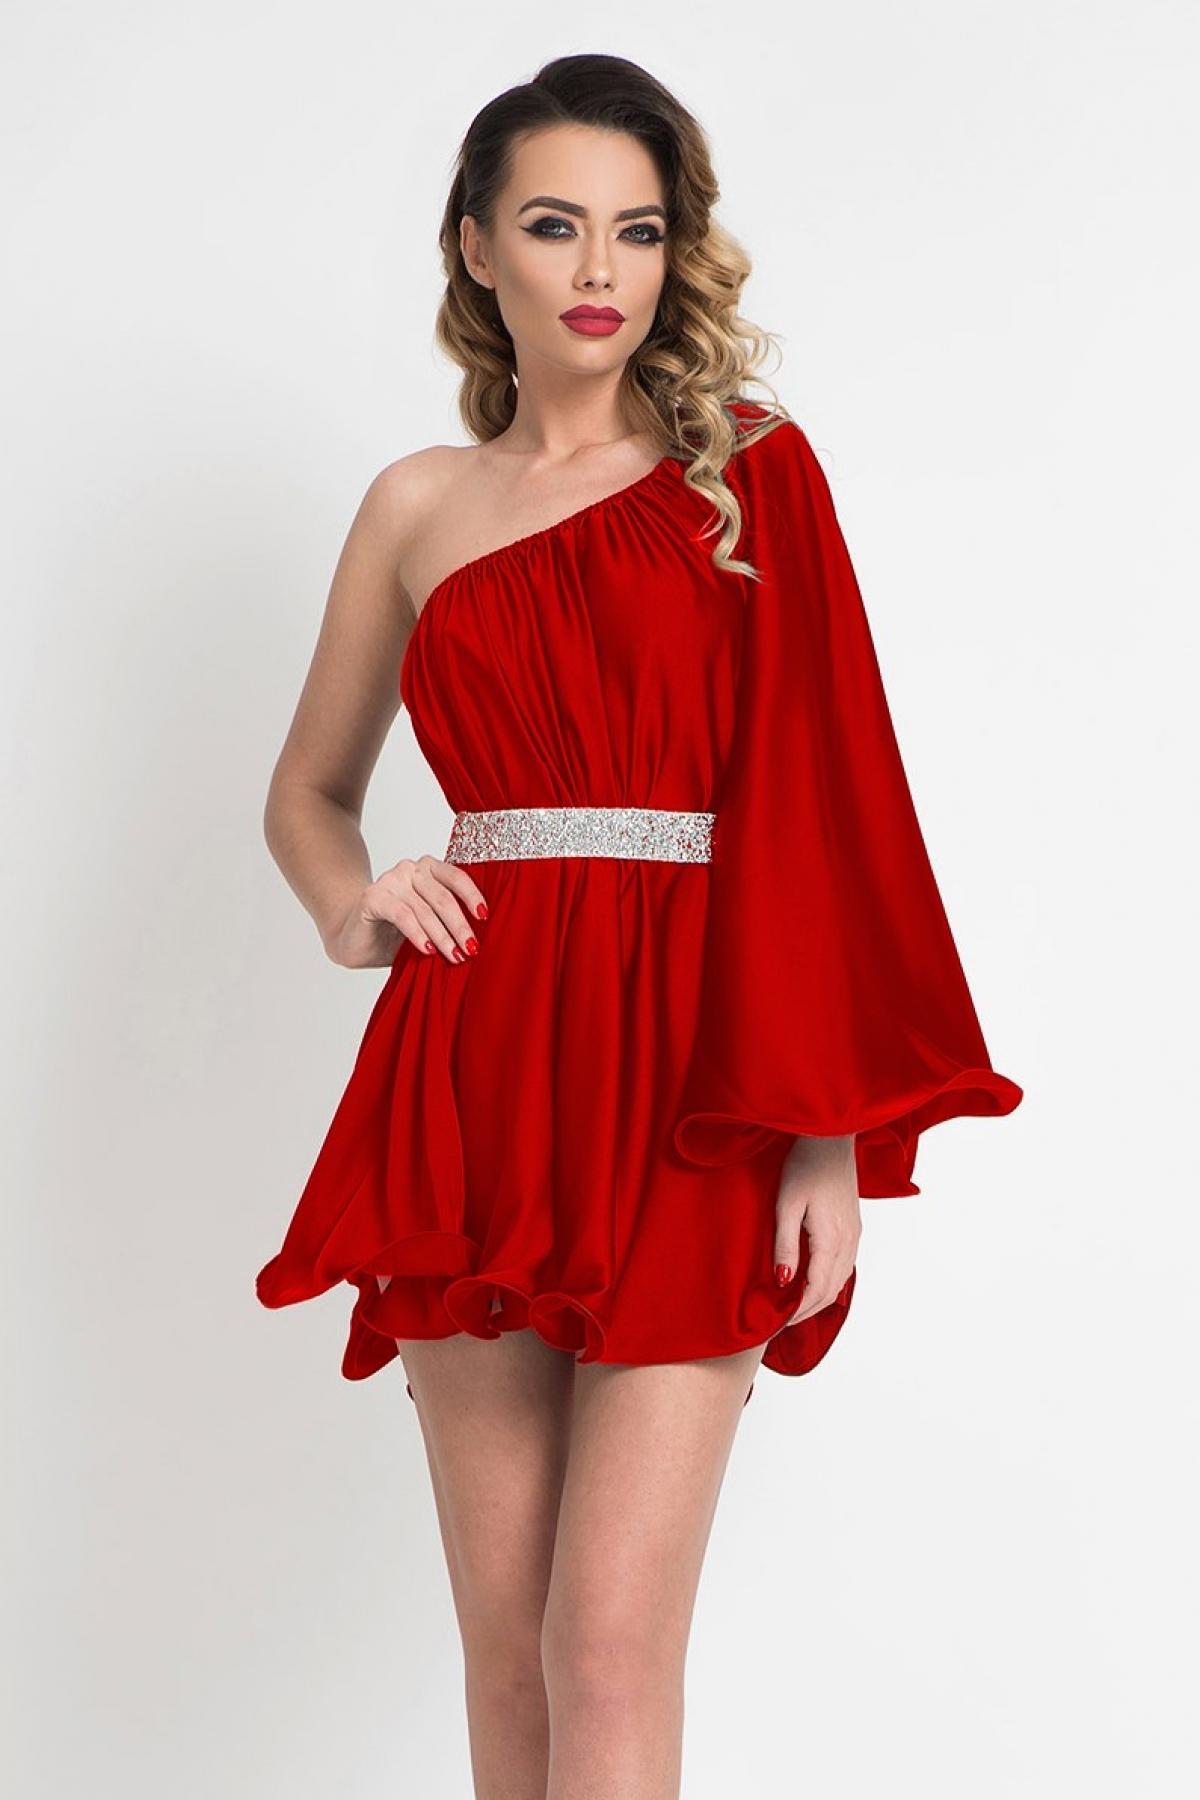 Rochie scurta de lux rosie cu maneca evazata aplicata